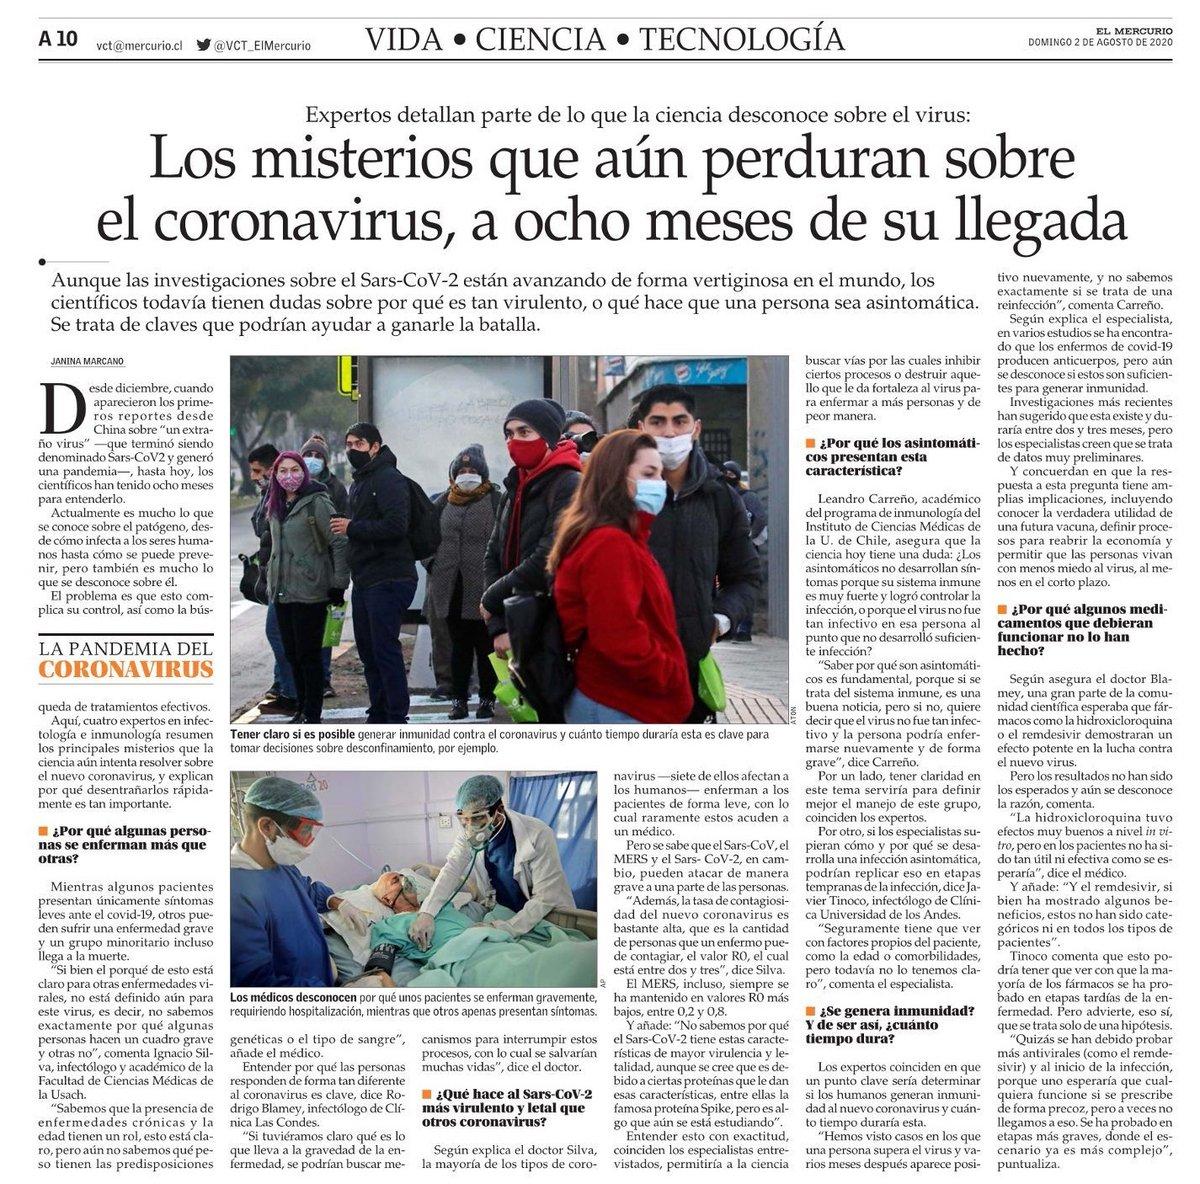 El dr. Rodrigo Blamey, infectólogo de @cliniclascondes se refiere hoy en @ElMercurio_cl a los aspectos que aún se desconocen del coronavirus. Te invitamos a leer la nota acá. https://t.co/SCbUytowCL